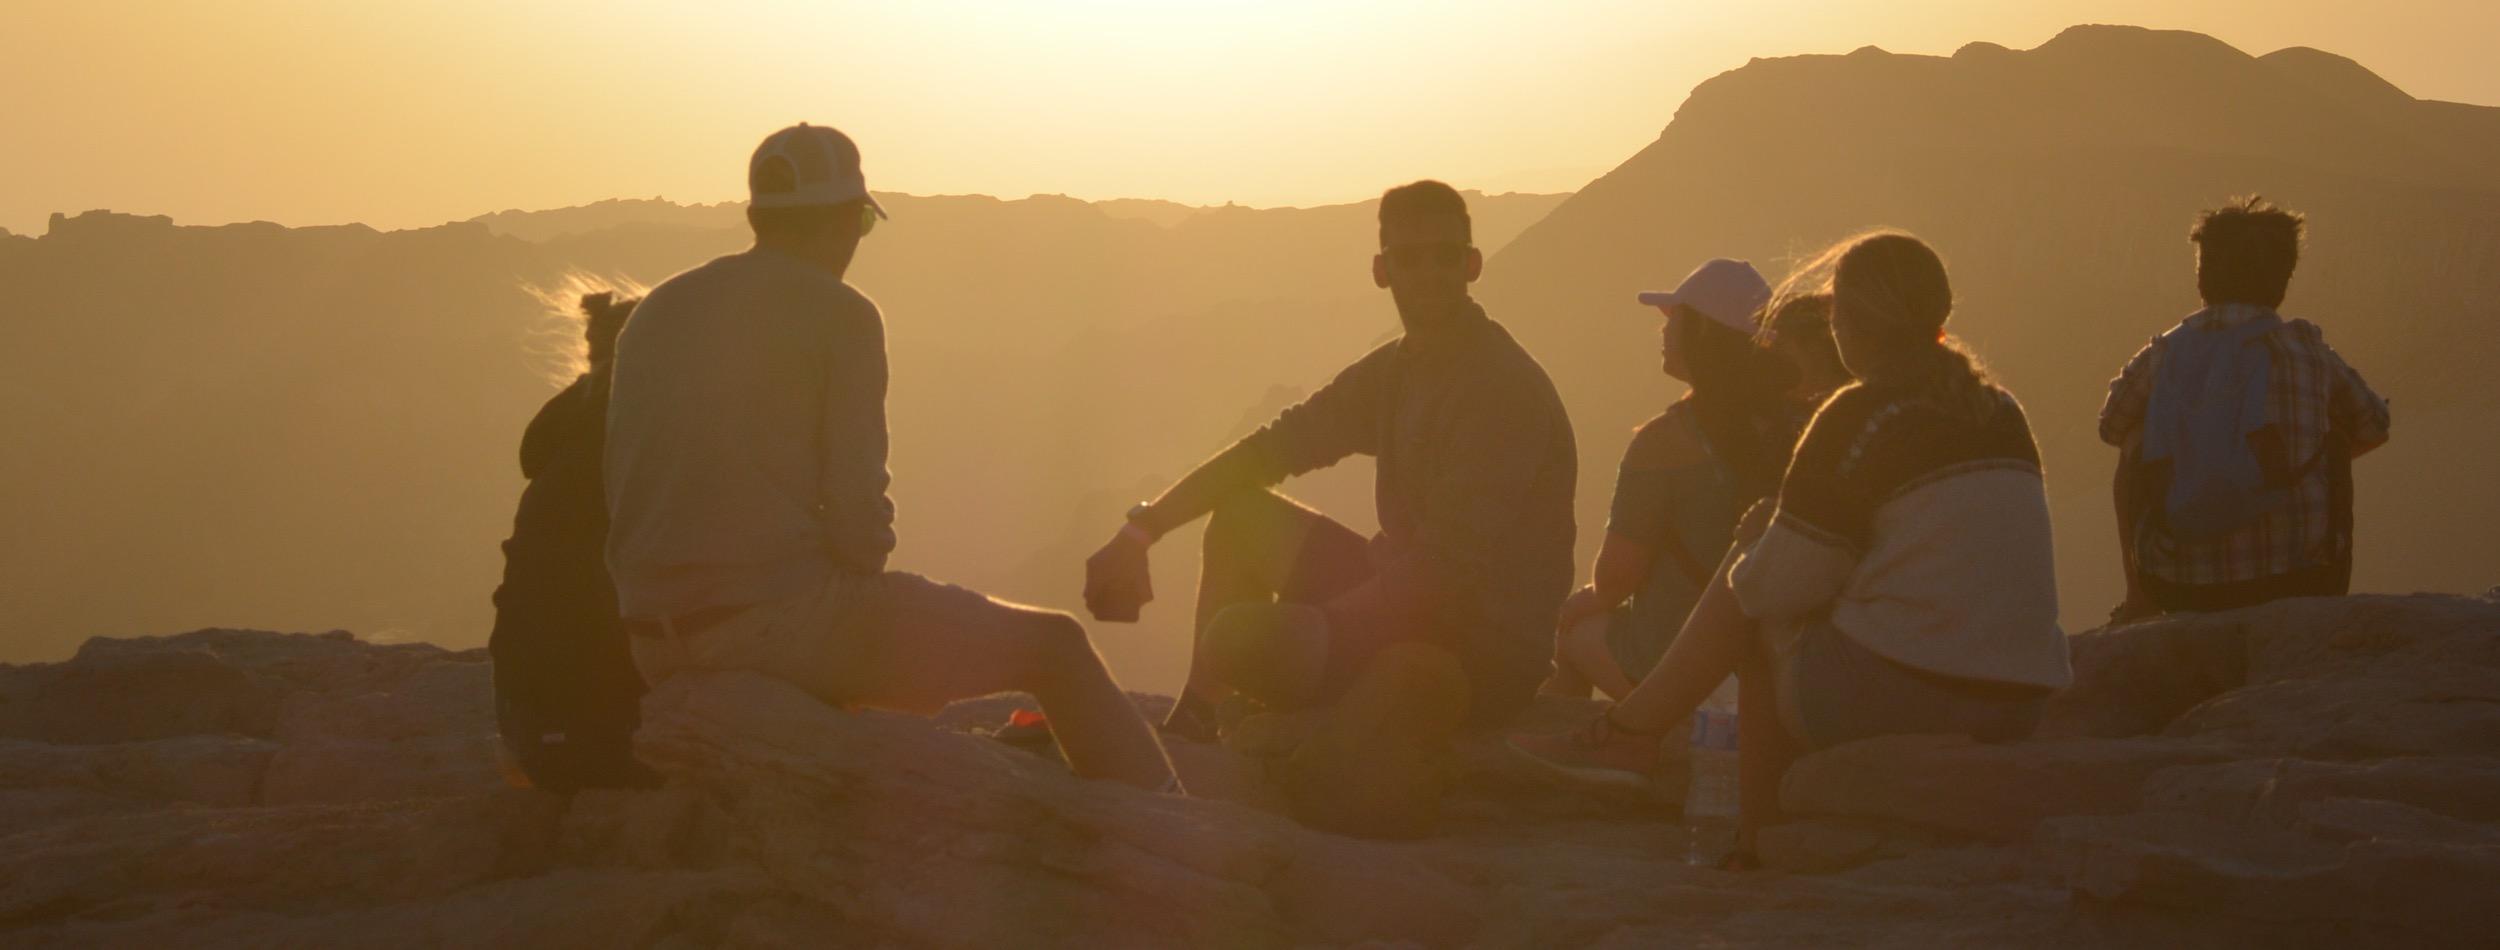 Gruppe von Menschen bei Sonnenuntergang